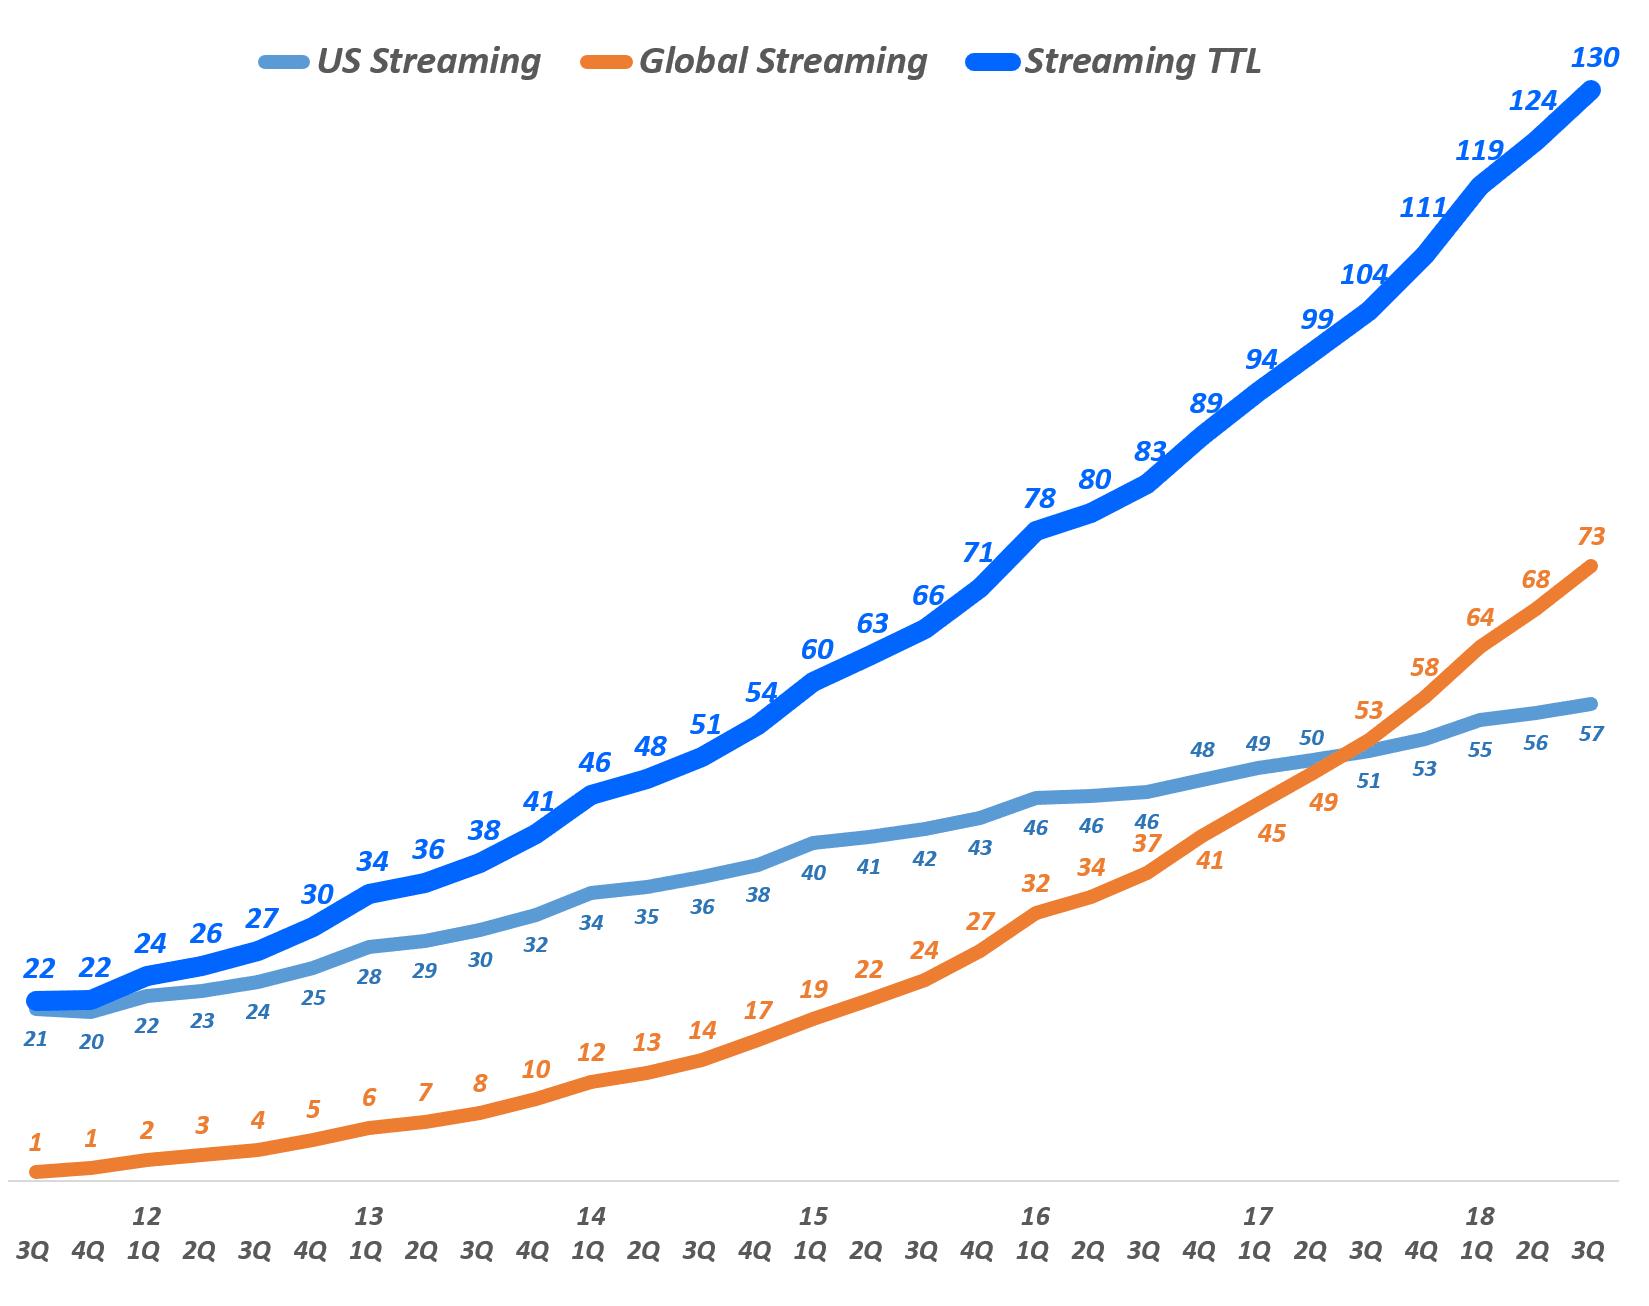 넷플릭스 분기별 스트리밍 서비스 유료 구독자 수 추이(Quarterly Netflix Streaming Service Global Subscriber additions(M), Graph by Happist